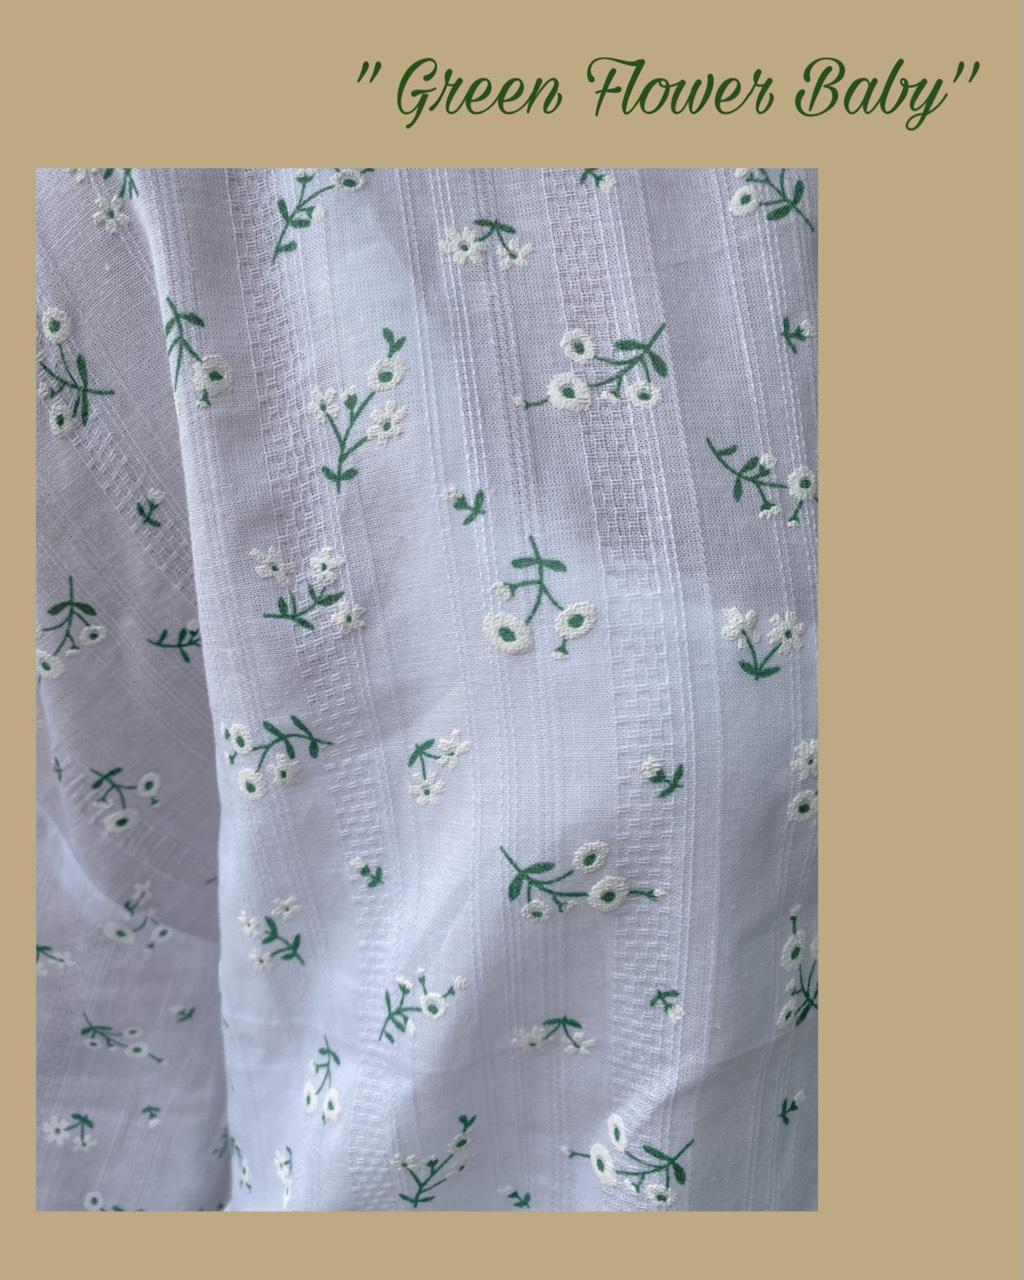 ÁO BABYDOLL GREEN FLOWER